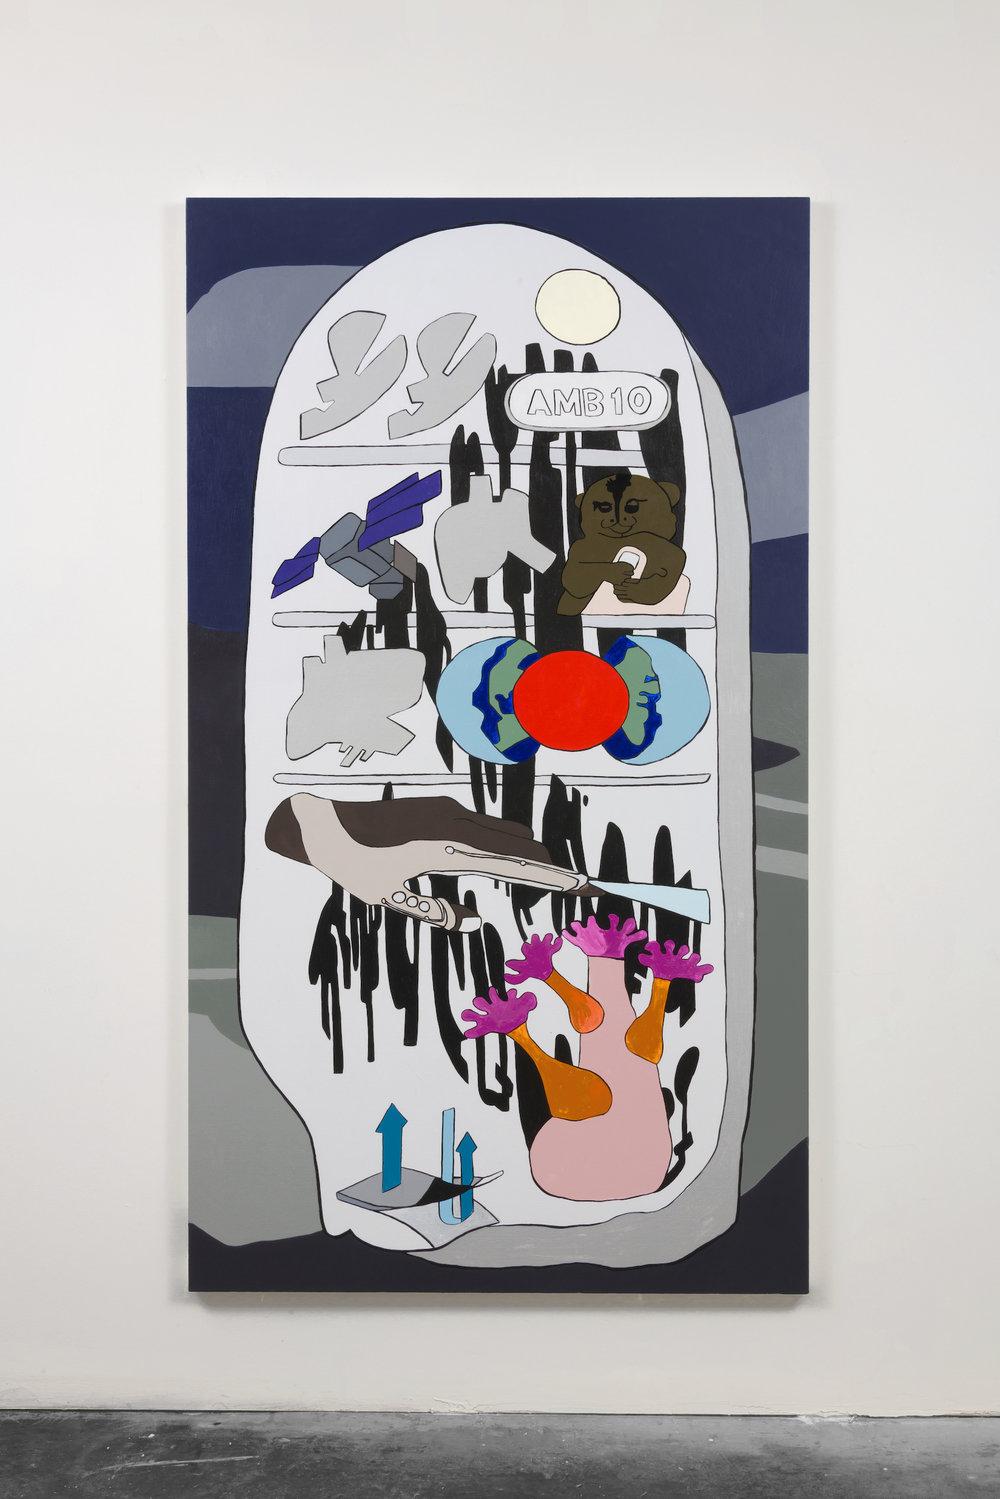 Hayal Pozanti,  Paradise of Fugitive Dust,  2018, Acrylic on canvas, 78 x 44 inches